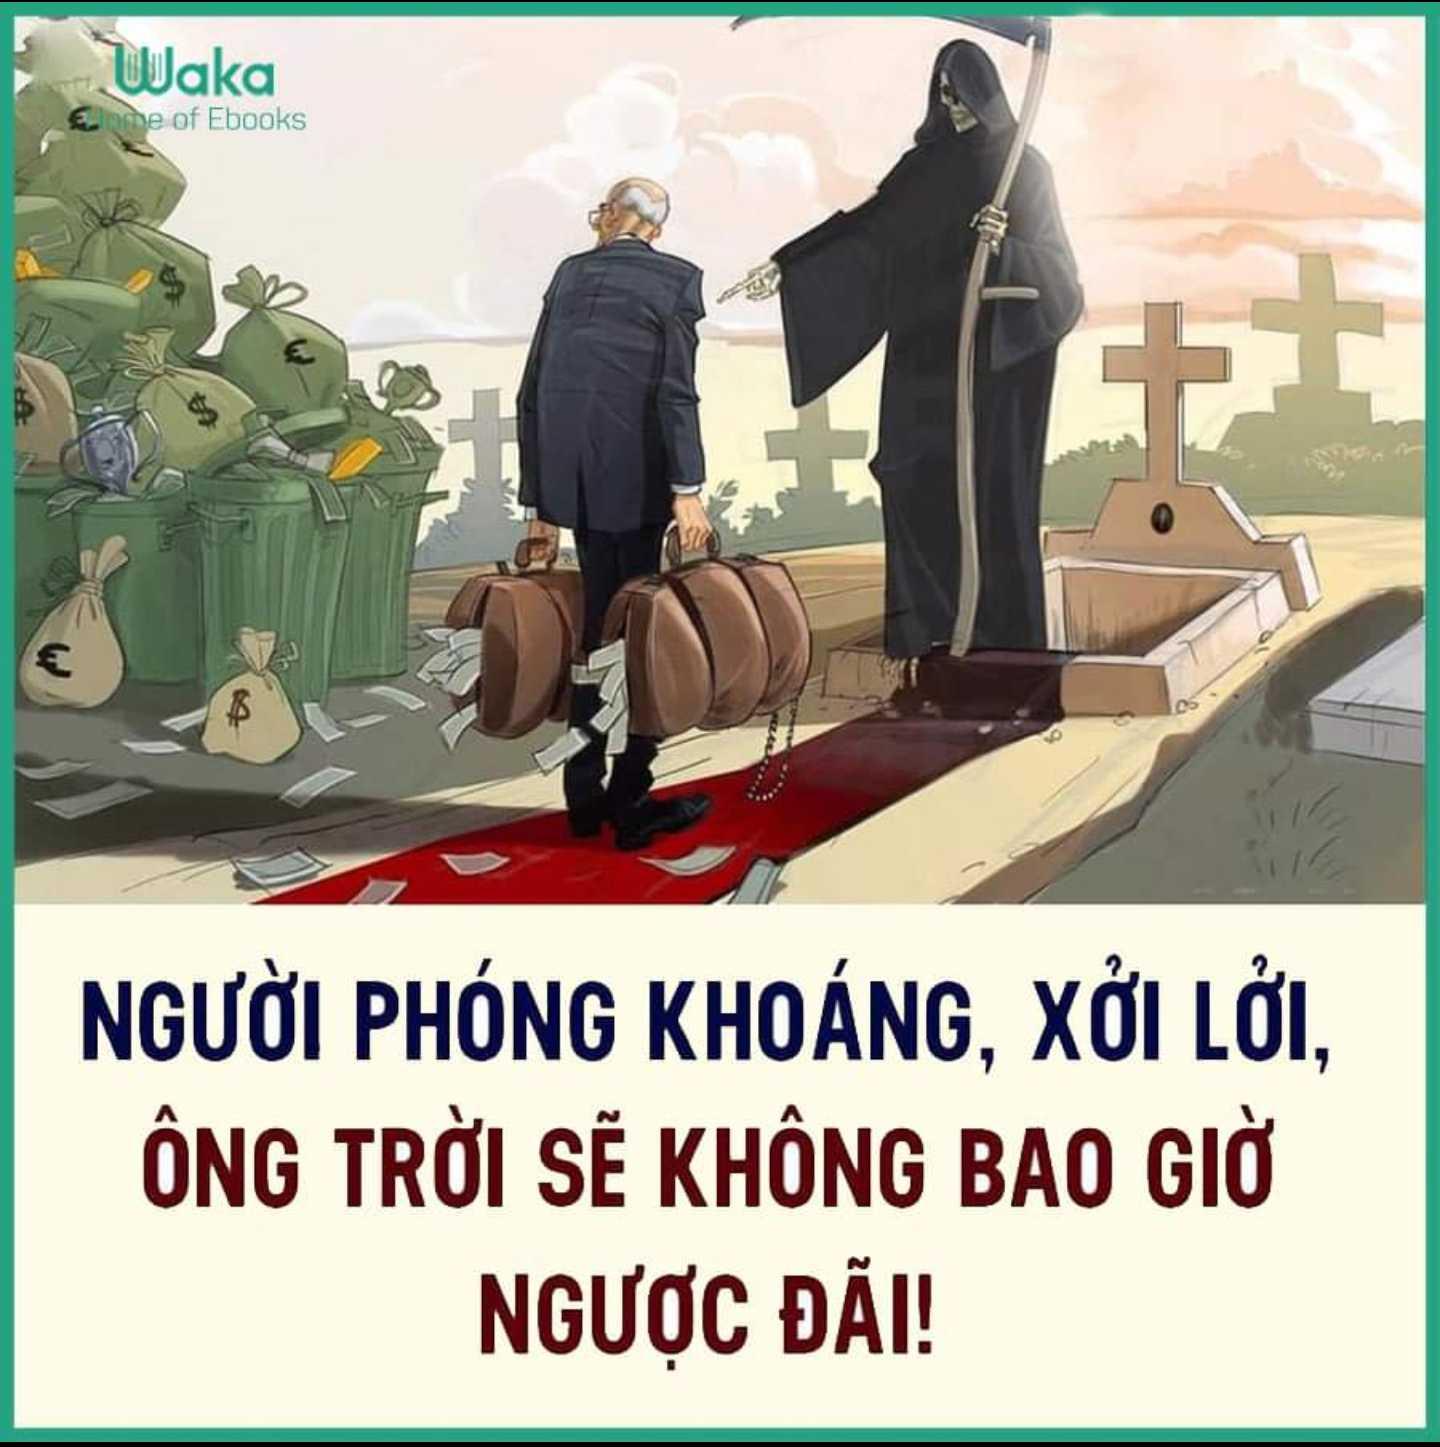 NGƯỜI PHÓNG KHOÁNG, XỞI LỞI, ÔNG TRỜI SẼ KHÔNG BAO GIỜ NGƯỢC ĐÃI!!!!